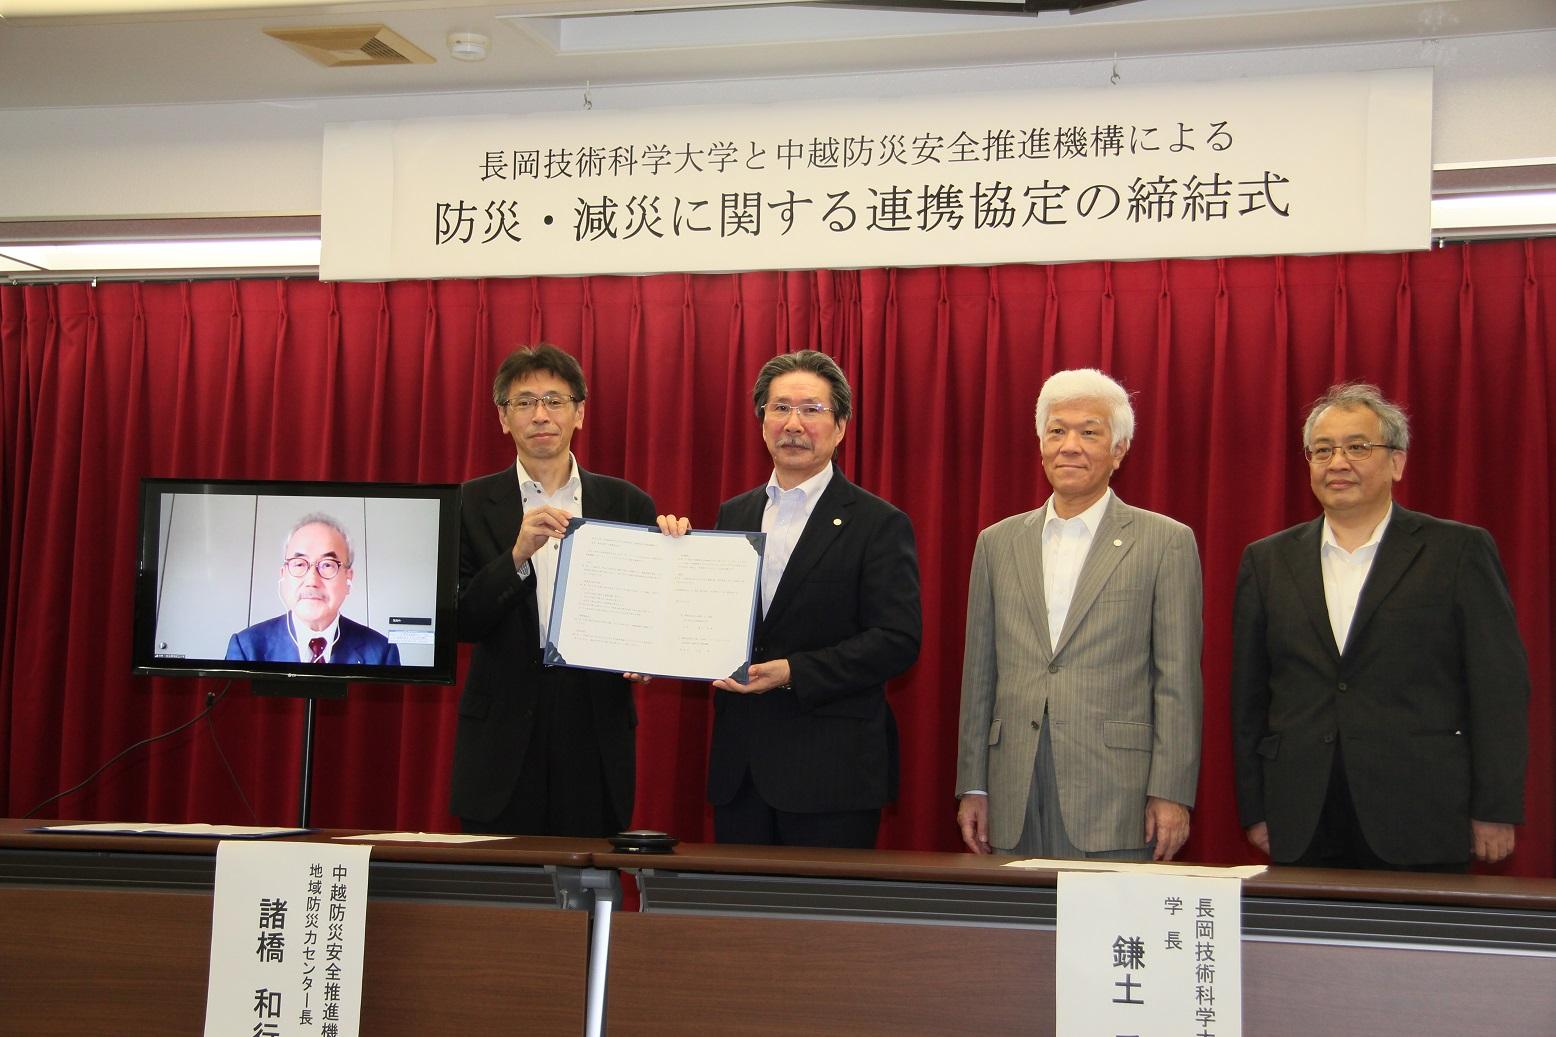 長岡技術科学大学と連携協定を締結